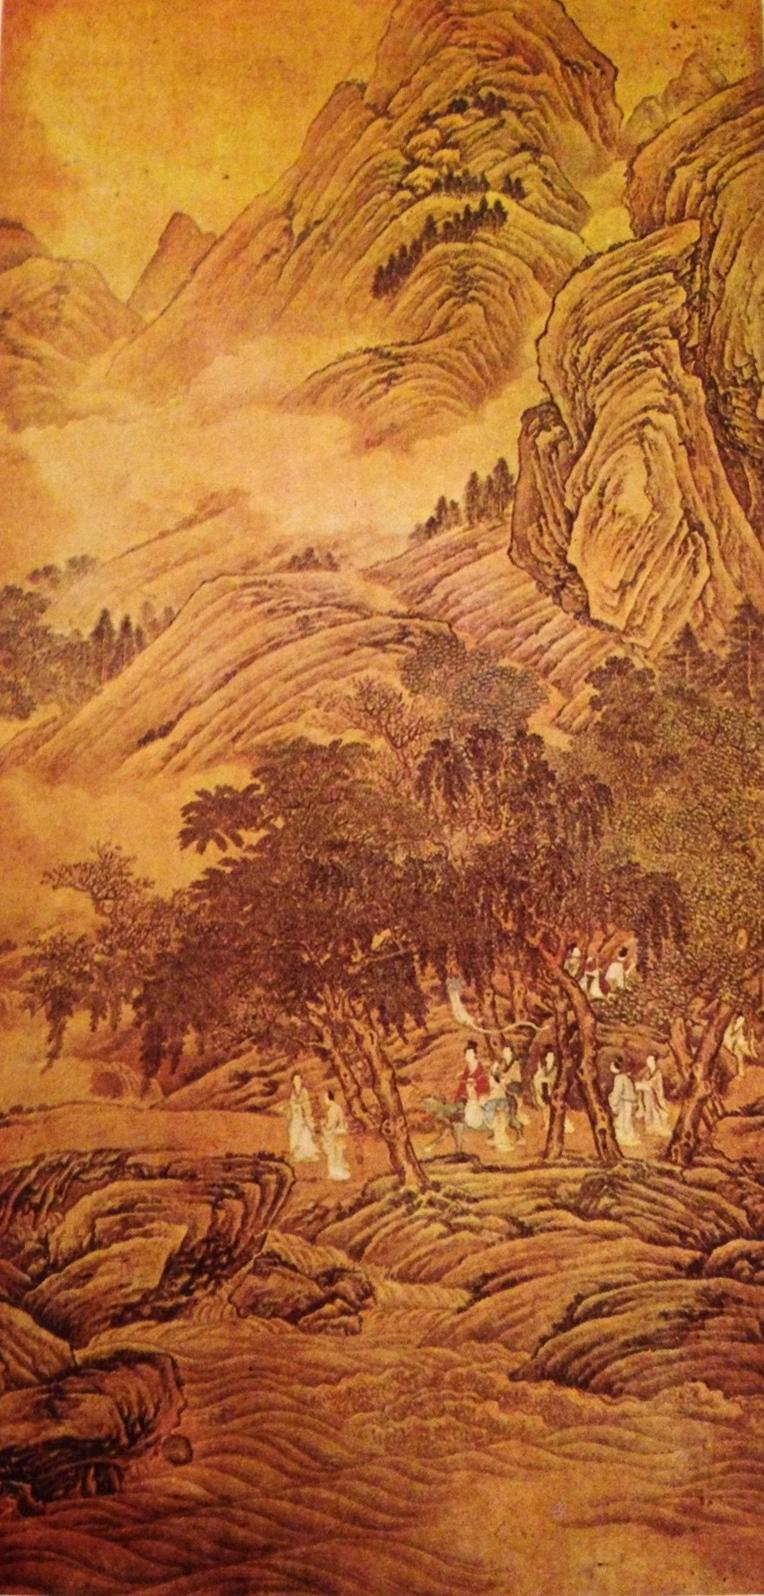 Çing Hanedanı dönemine ait İlkbahar Bayramı adlı tablo. Çing dönemindeki daha özgür yorumlara bir örnek oluşturan bu tablo, ABD'de, Kansas'ta, Nelson Galeri'de sergilenmektedir.